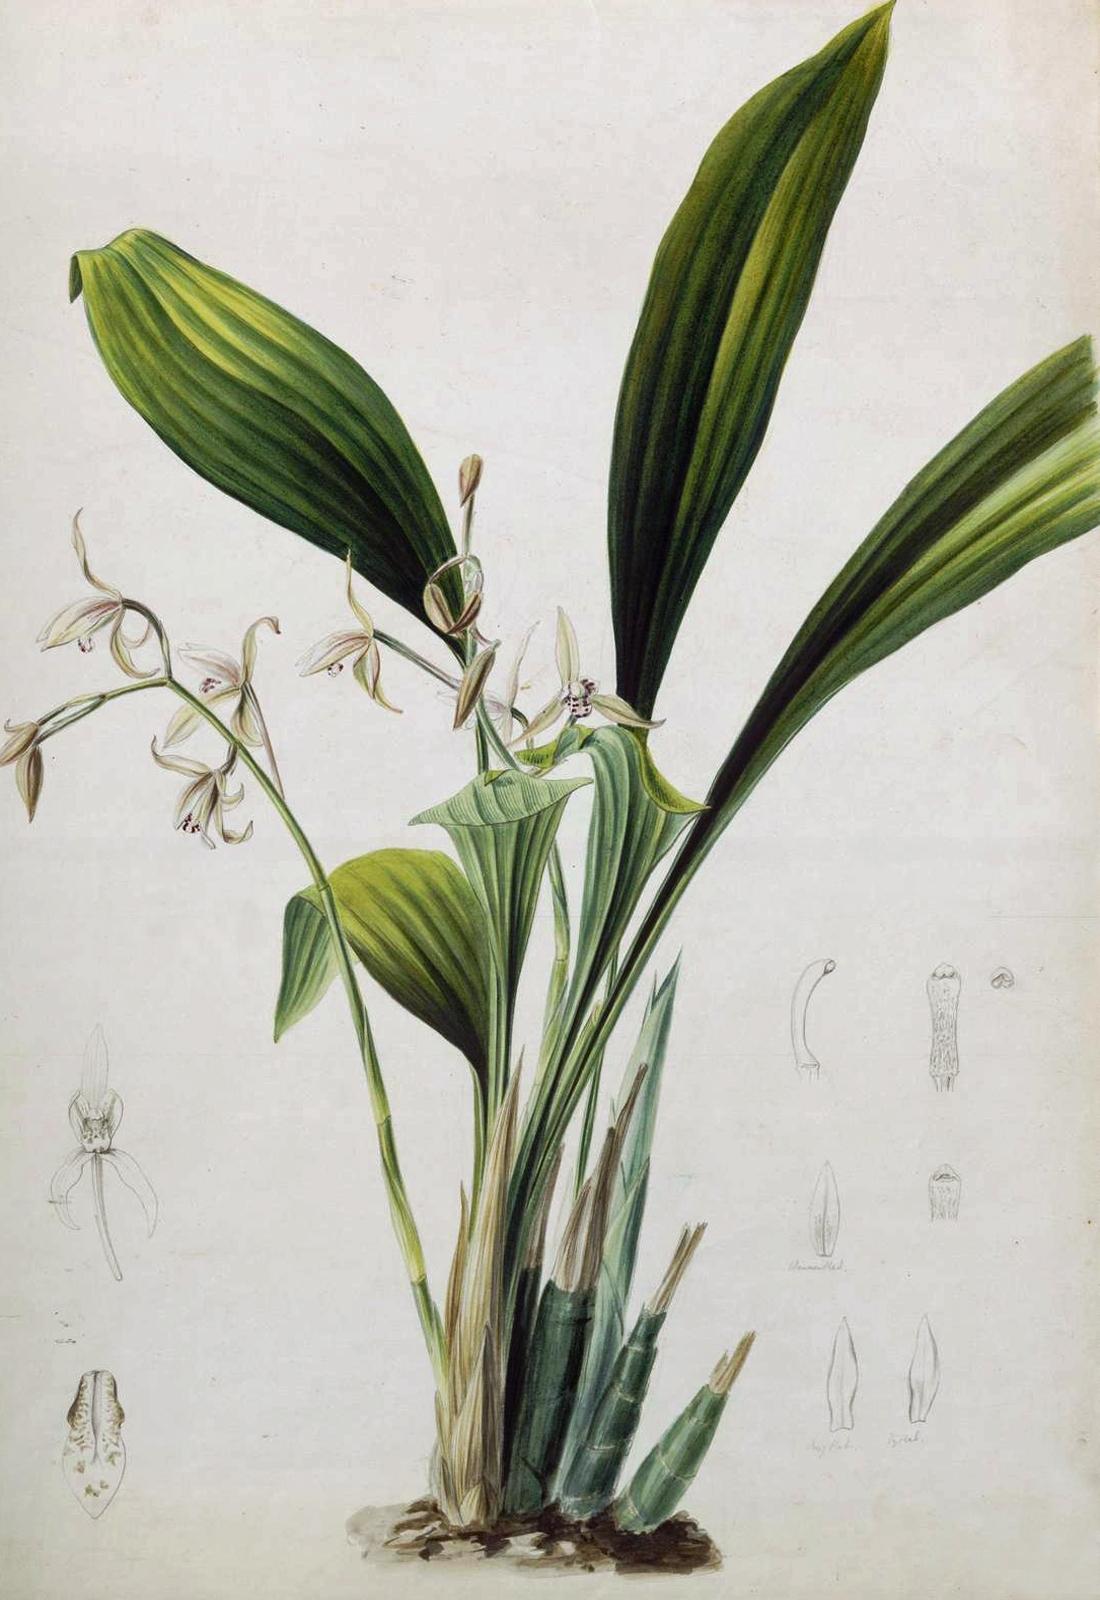 Naturalis Biodiversity Center - L.2096012 - Wendel, Abraham Jacobus - Cymbidium lancifolium - Artwork - cropped.jpg